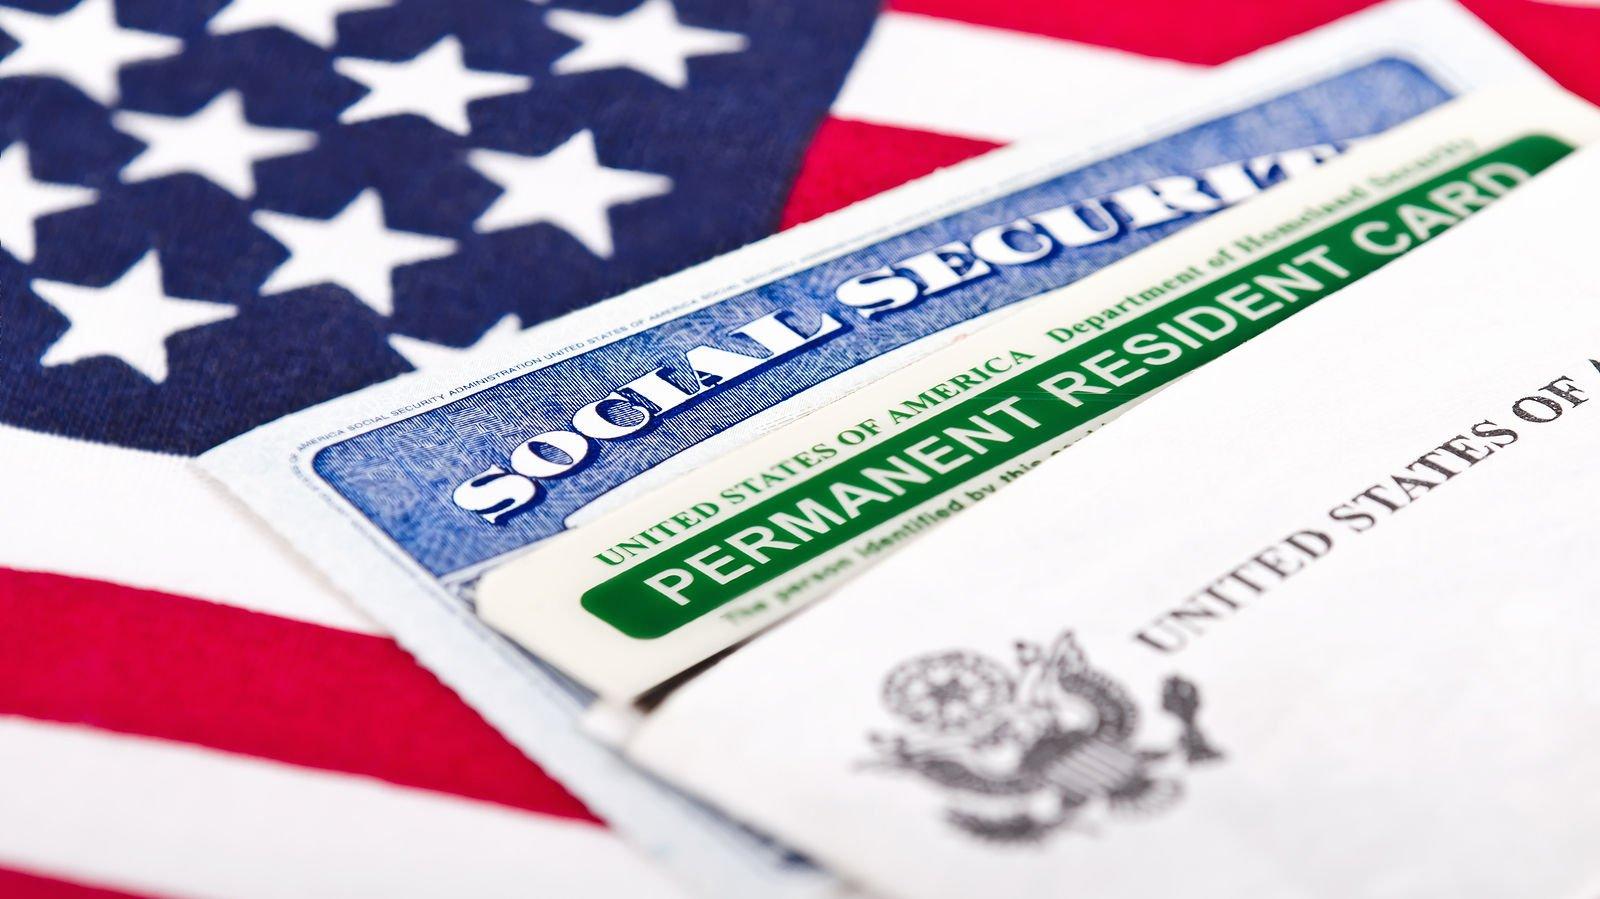 Вадминистрации Трампа подготовили проект ужесточения выдачи грин-карт